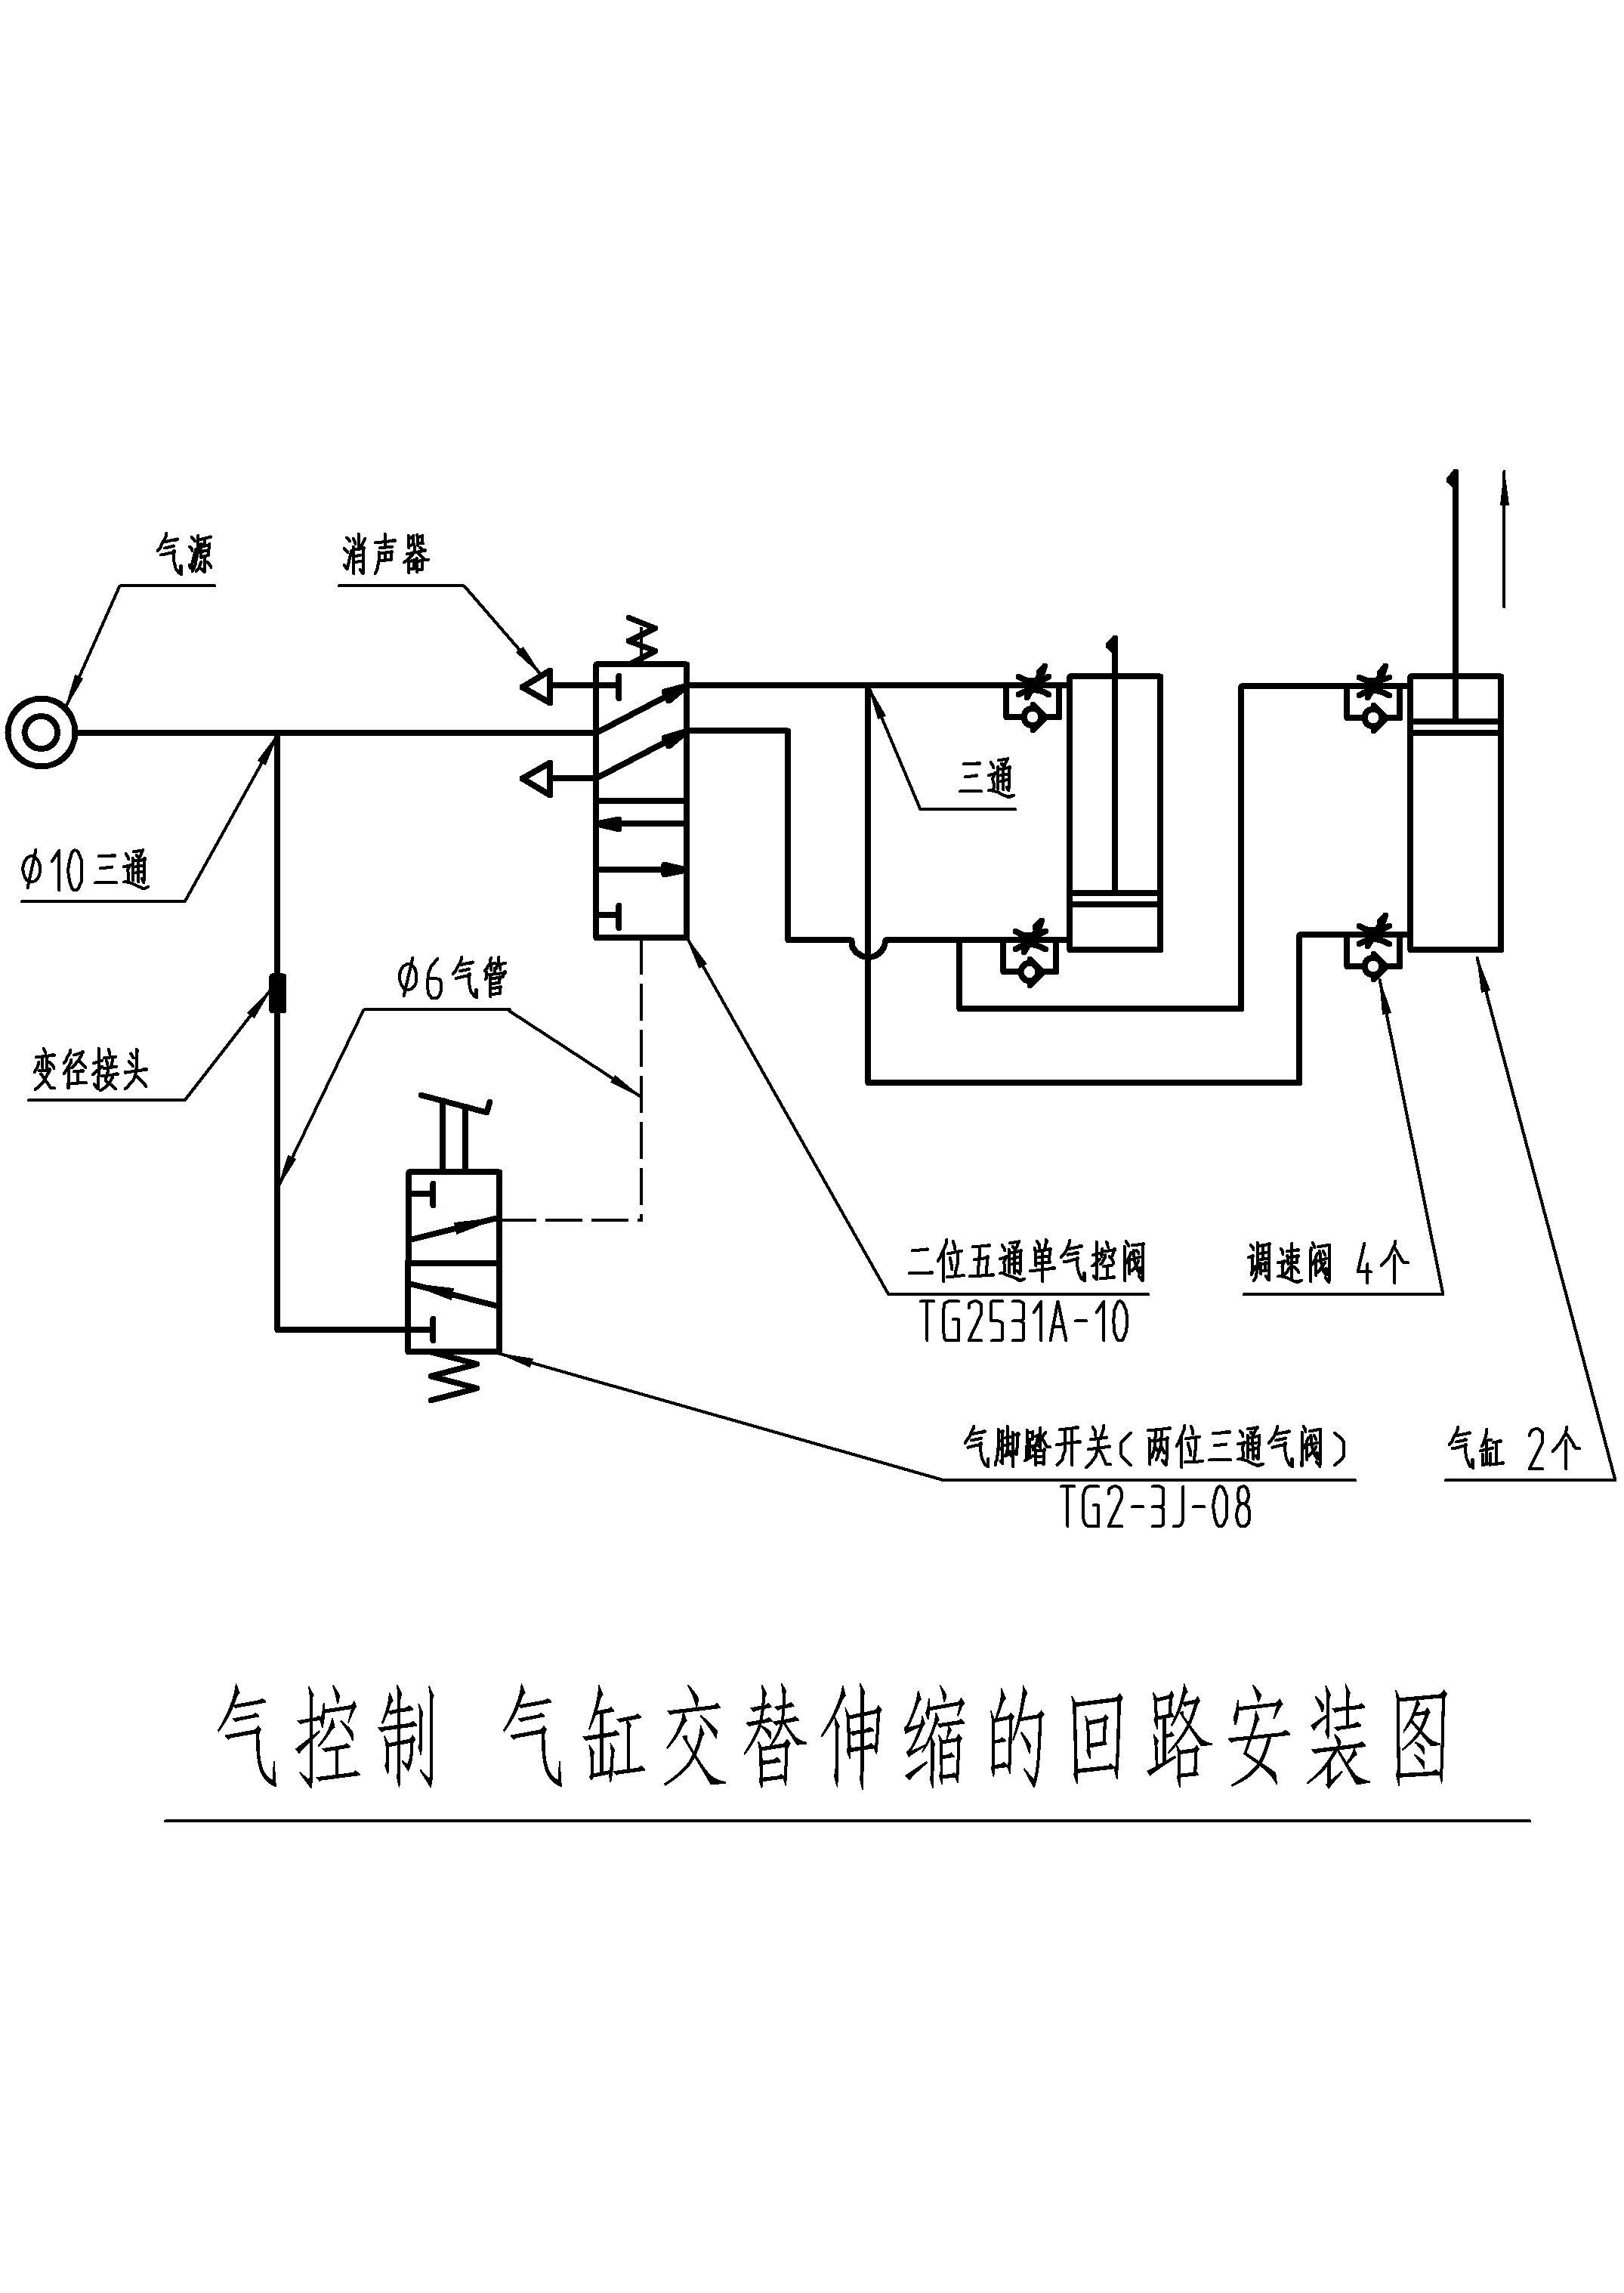 1)假如有5个气缸同时工作(其中每个气缸0.2mpa),还有图片